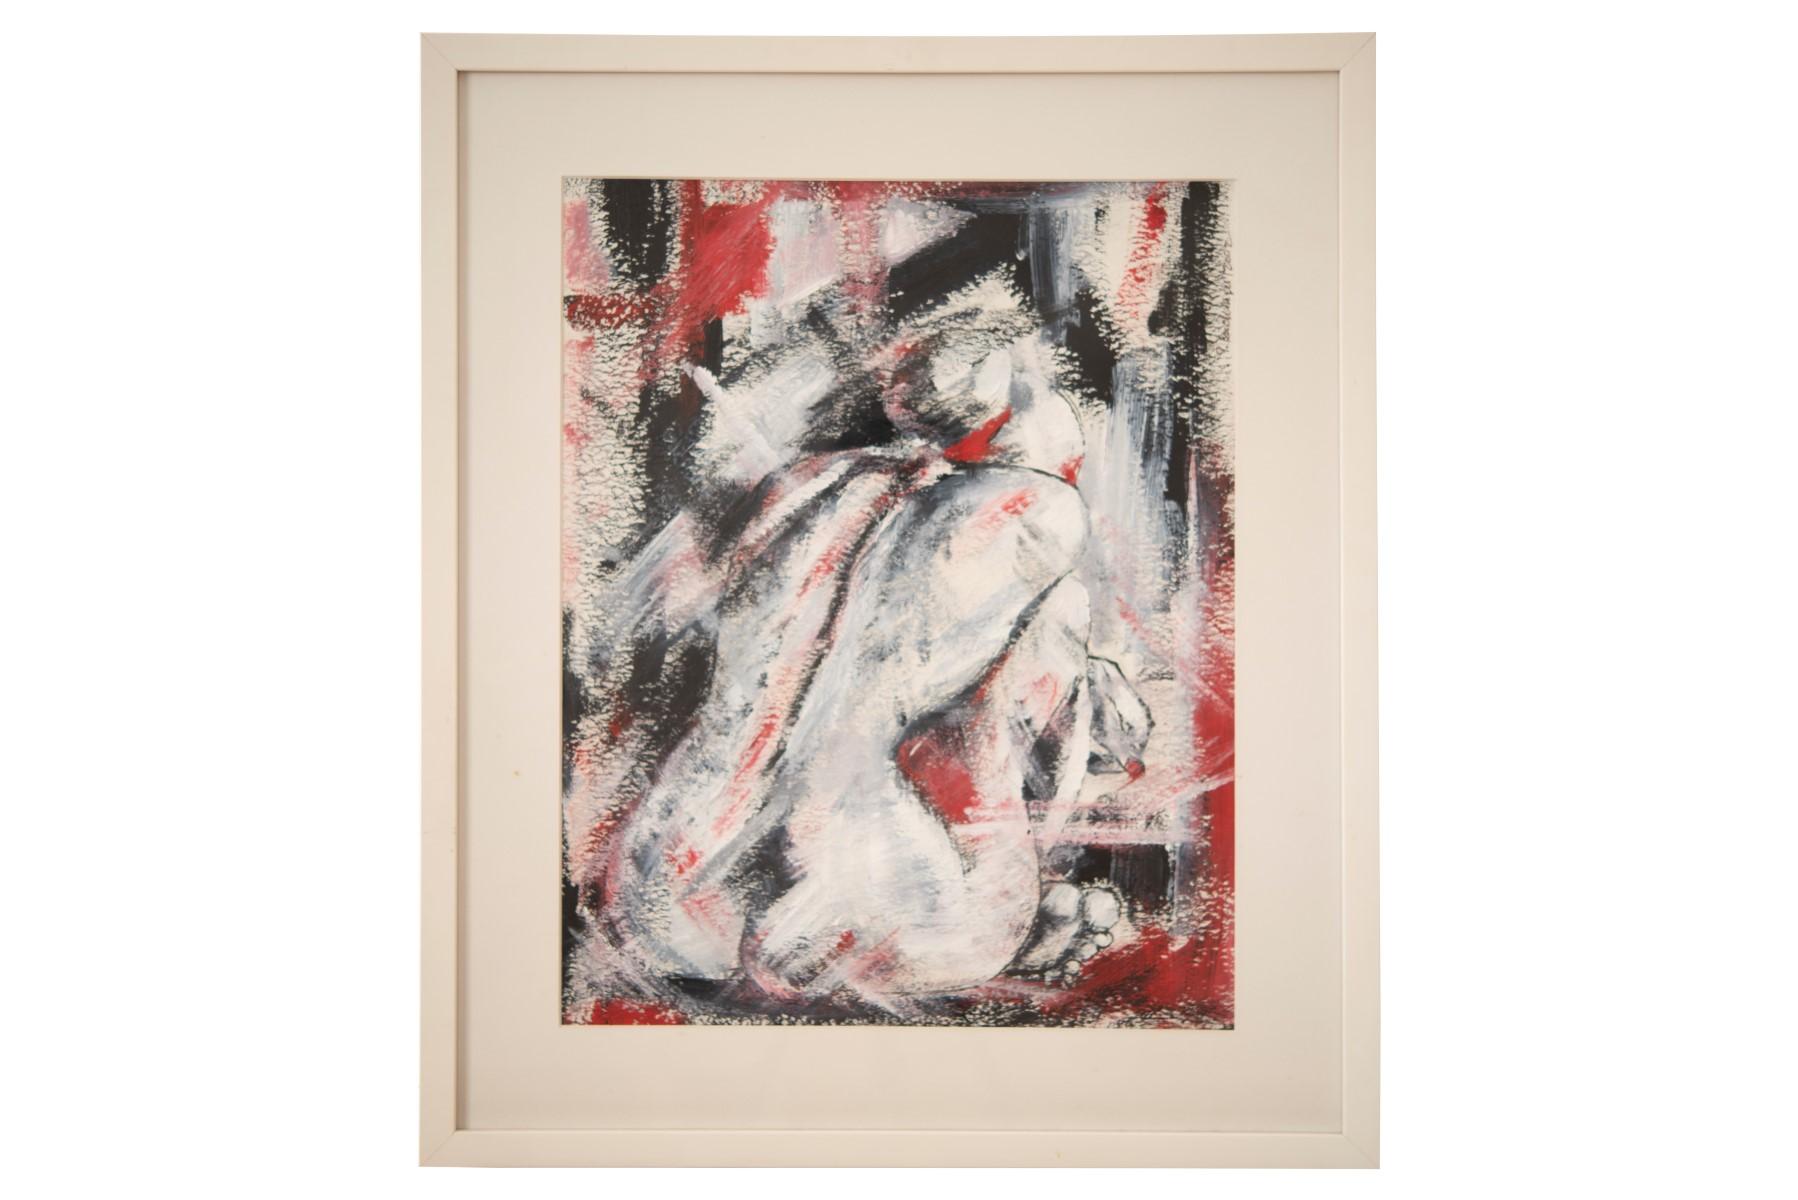 #130 Pauline Buchinger, Nude 2002 | Pauline Buchinger, Aktbild 2002 Image